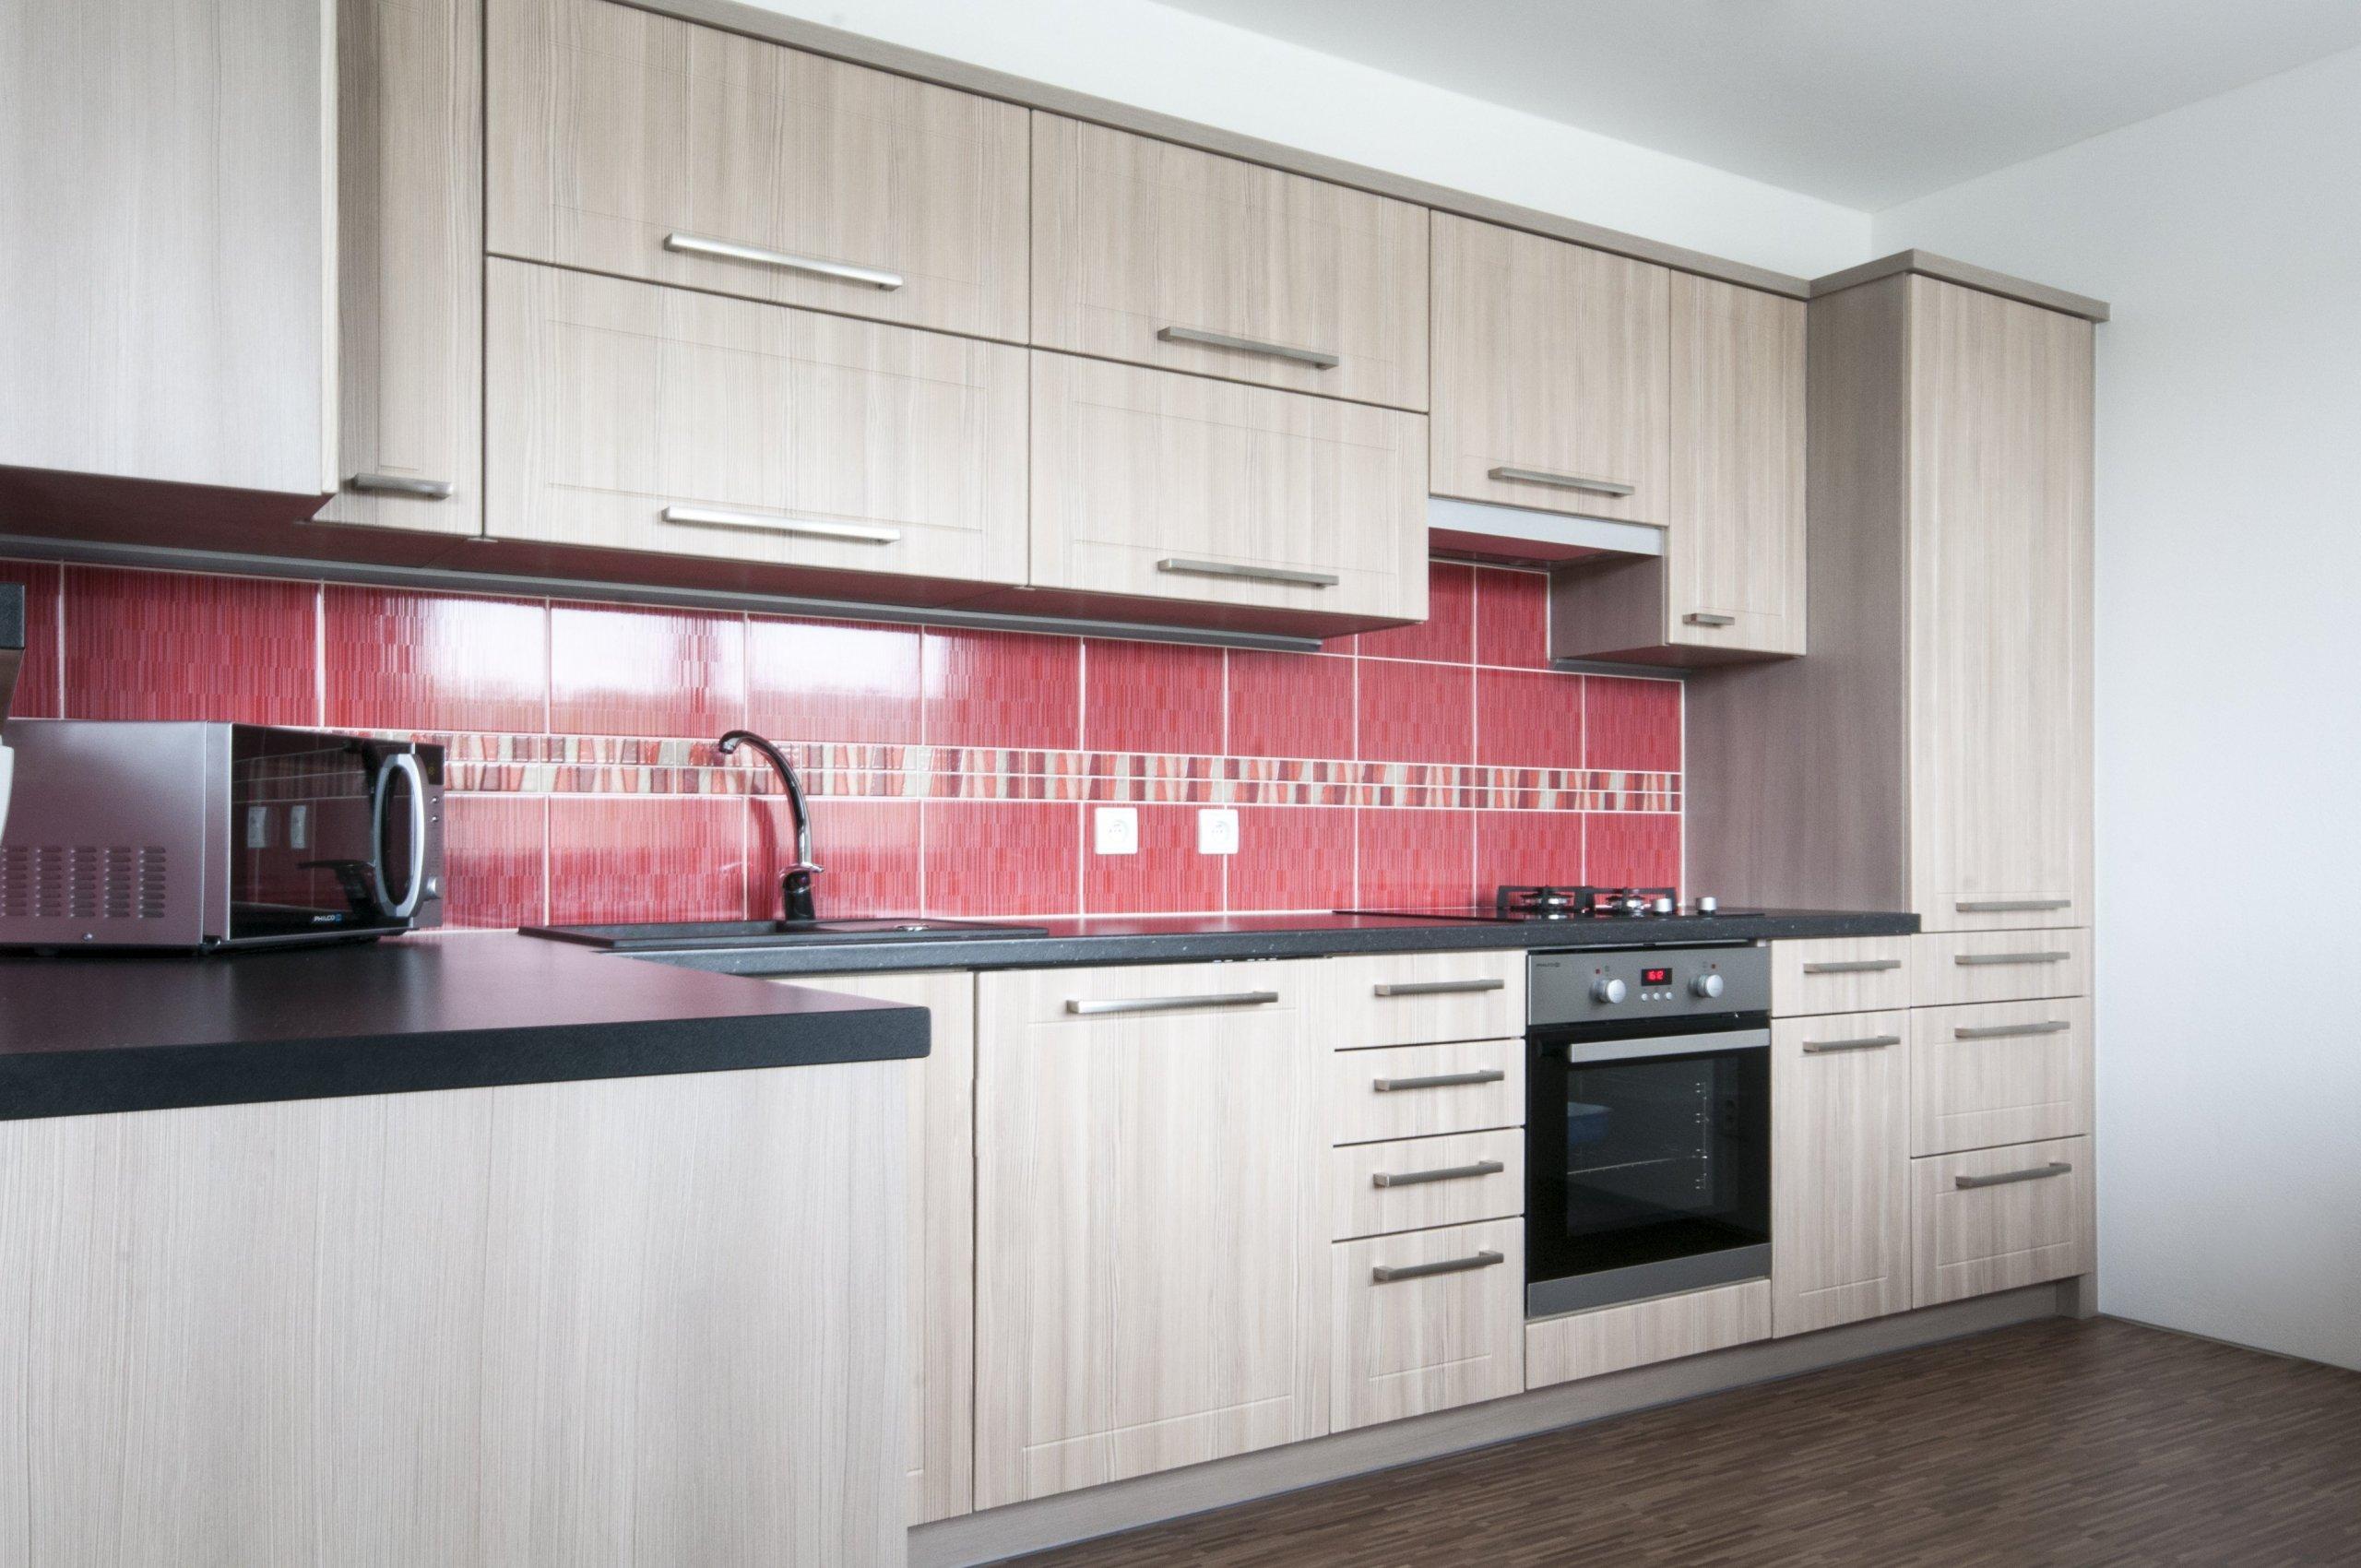 Útulná kuchyň v jemném tónu světlého dřeva splňuje veškeré požadavky mladé rodiny. Do malého prostoru se podařilo vměstnat vše podstatné včetně vestavěné…